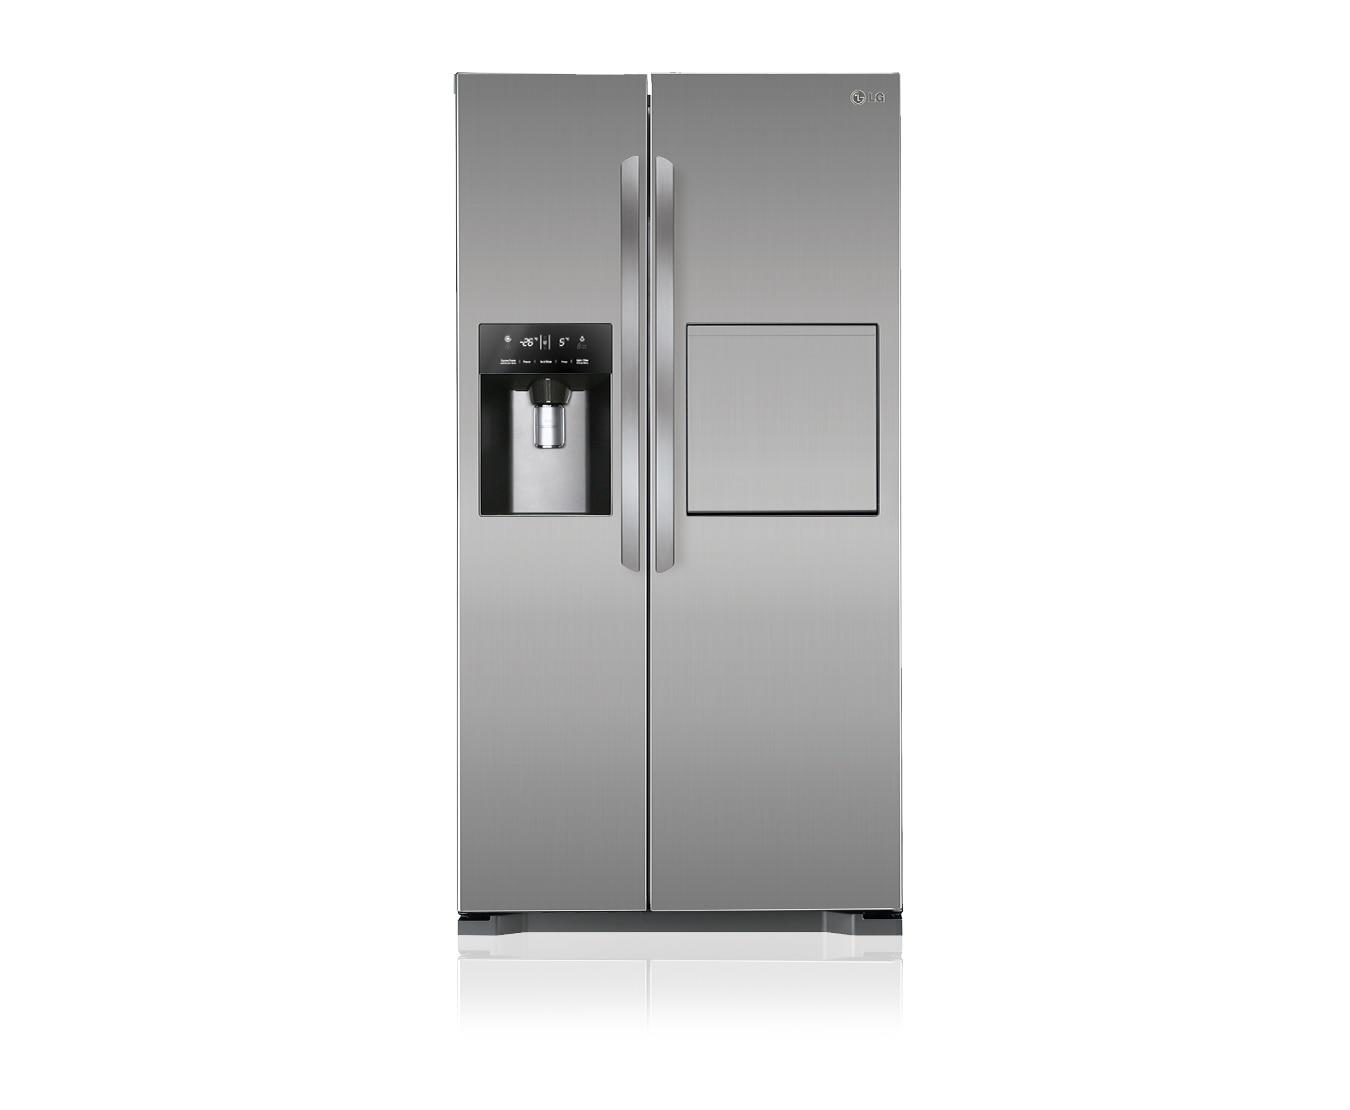 Siemens Kühlschrank Zubehör : Lg gsp pzcv side by side kühlschrank mit soft touch barfach